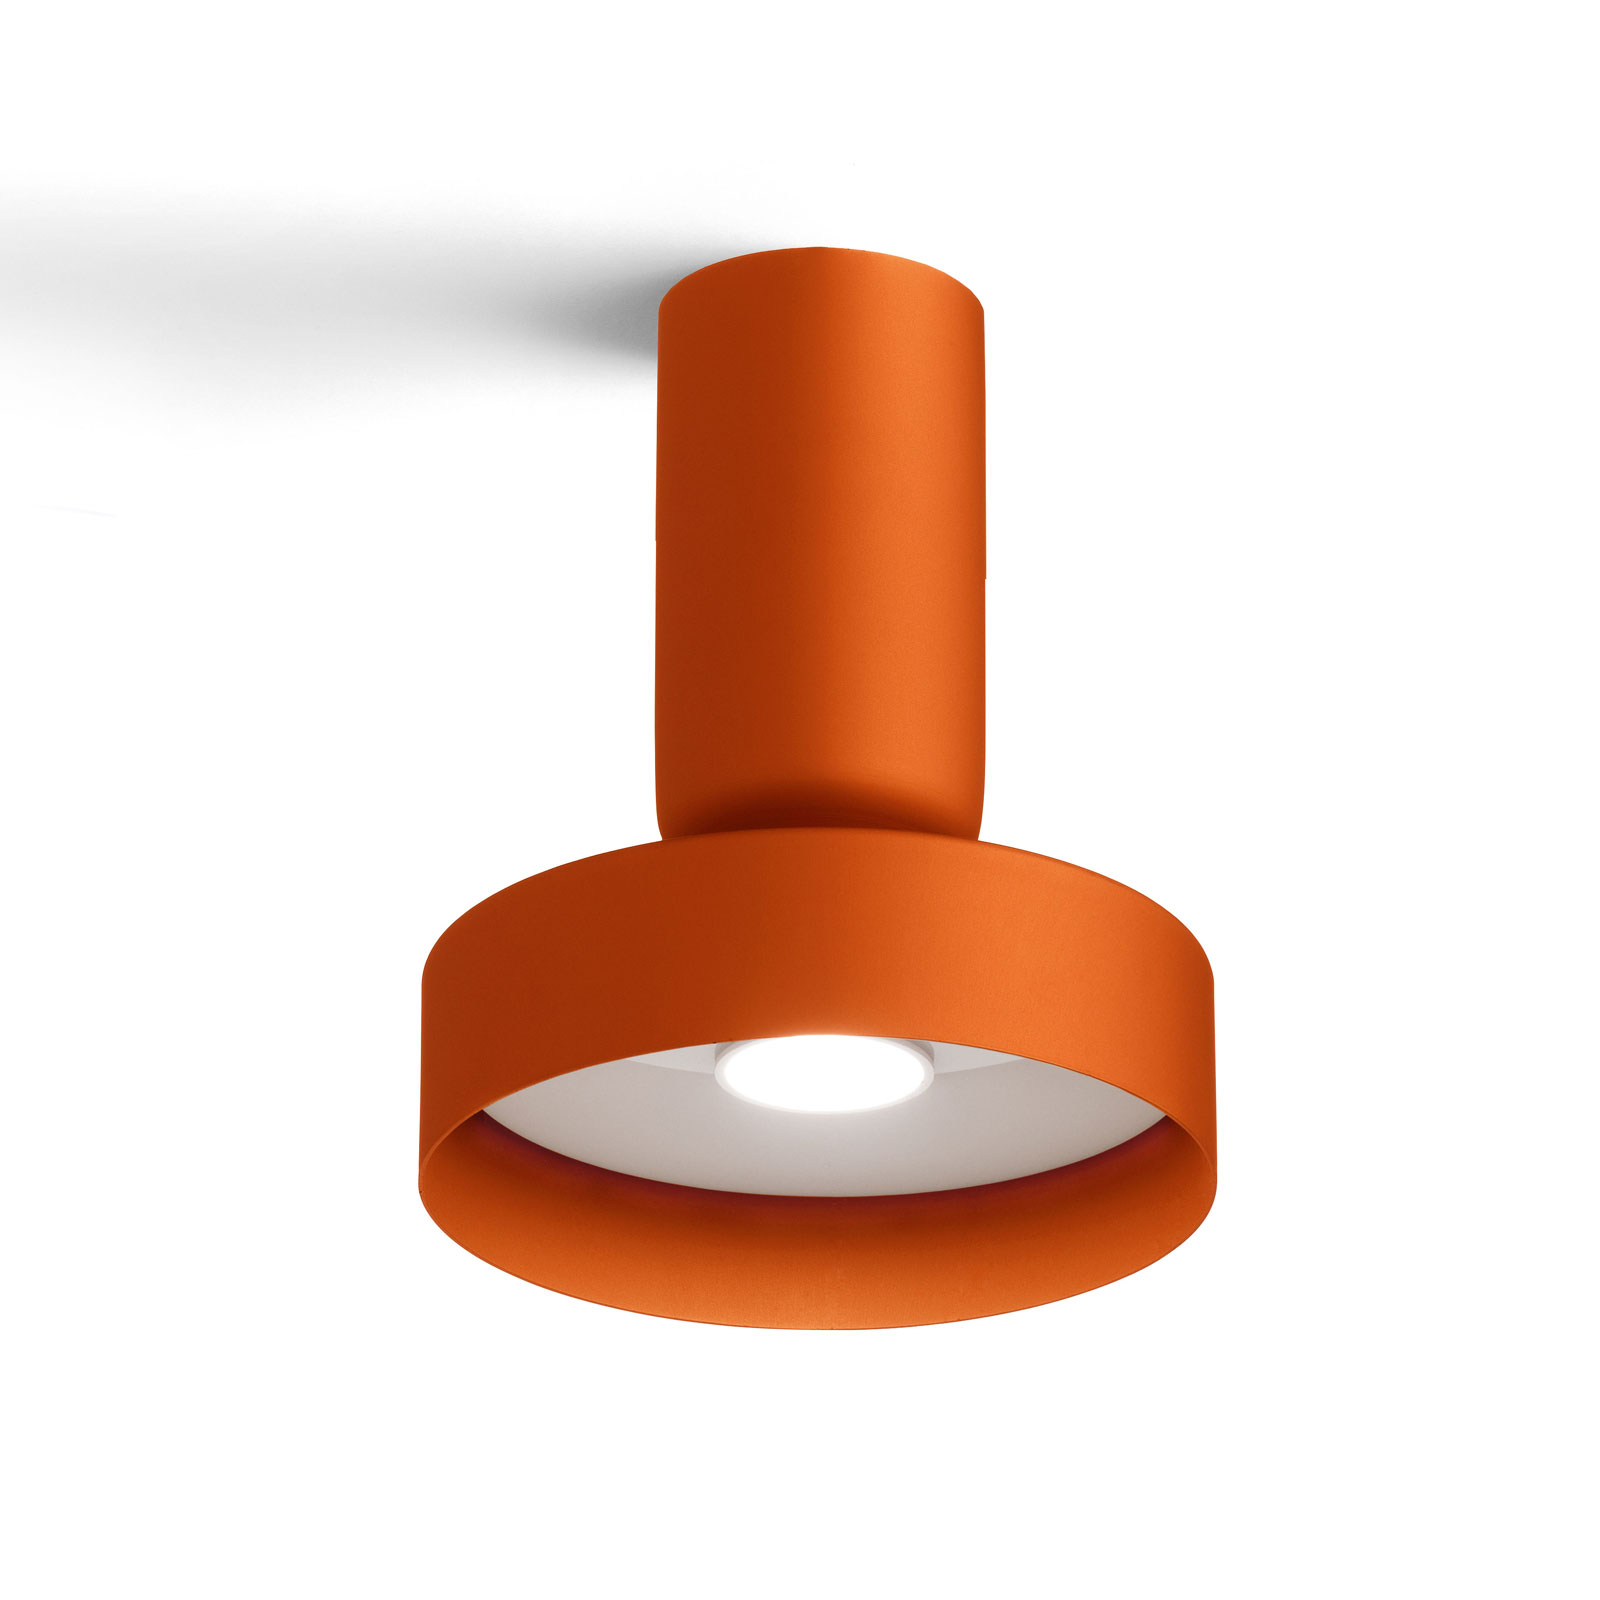 Modo Luce Hammer Deckenlampe Ø 18 cm orange